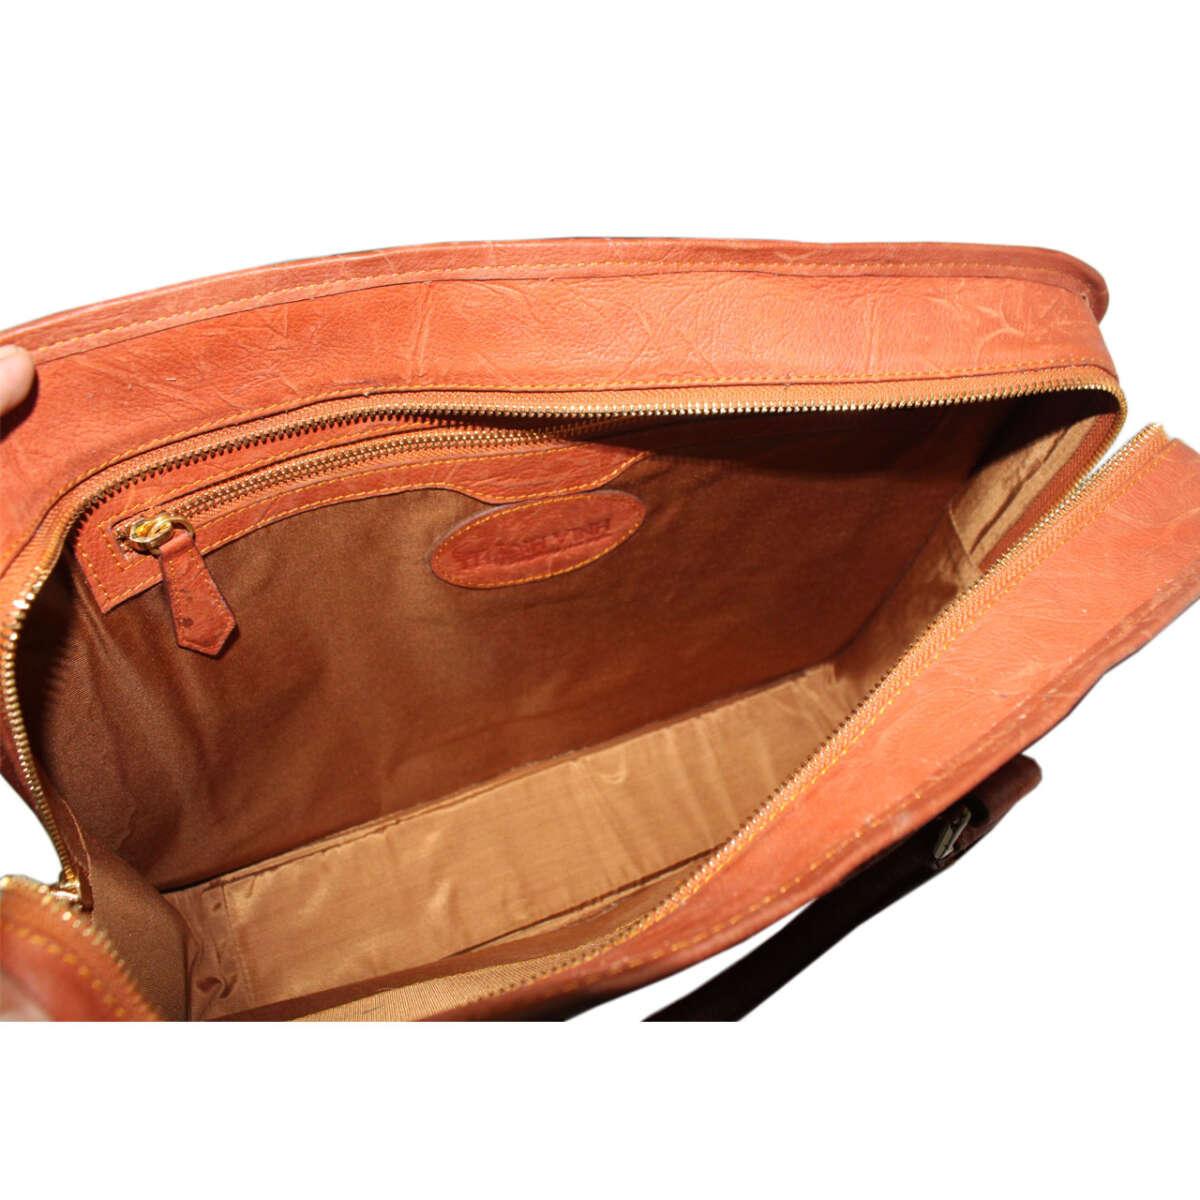 Túi xách nam da bò B243a